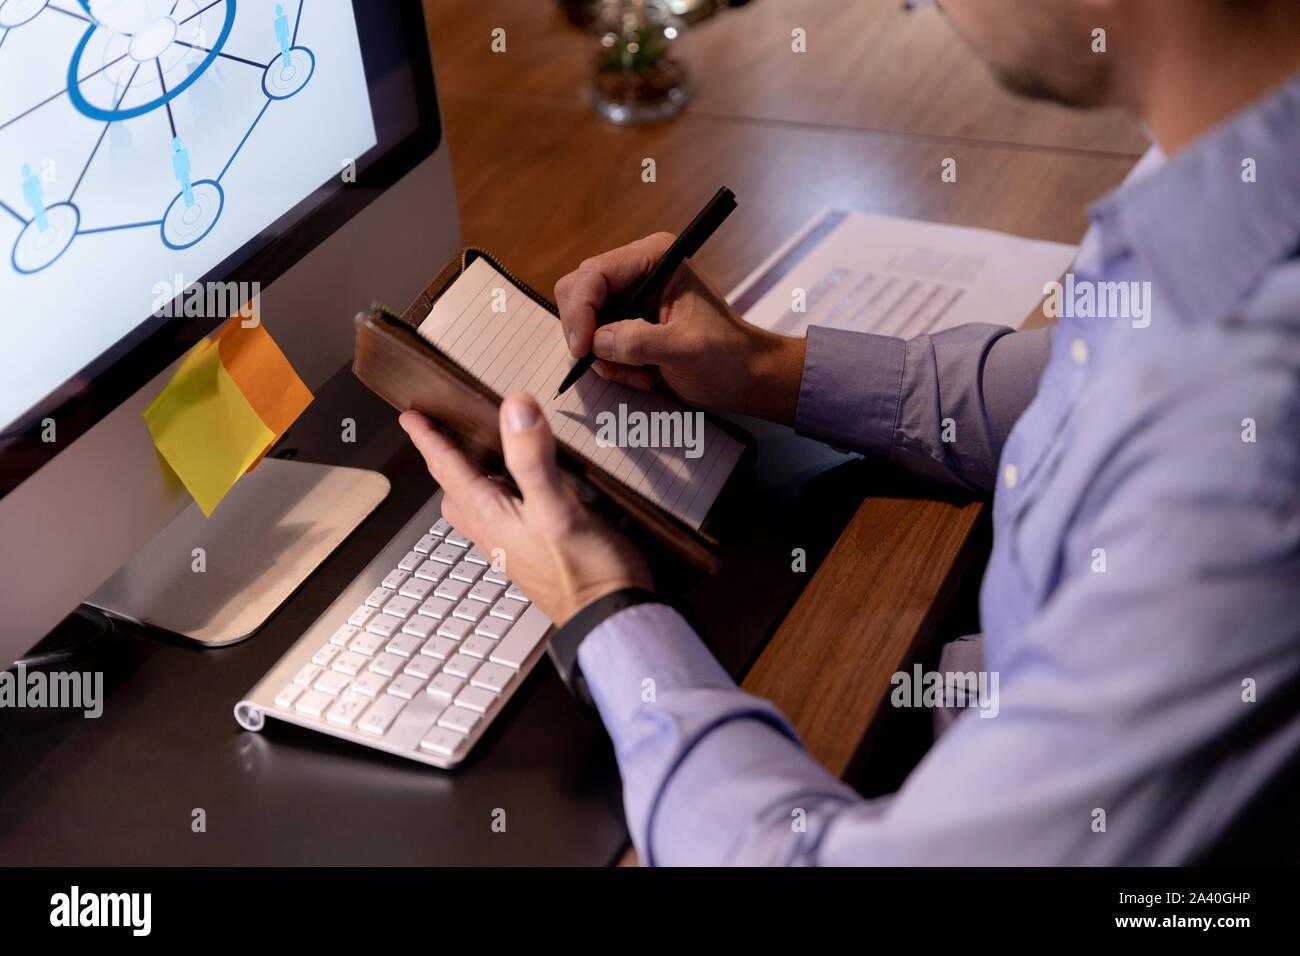 Junge männliche professionelles Arbeiten spät in kreative Büro Stockfoto